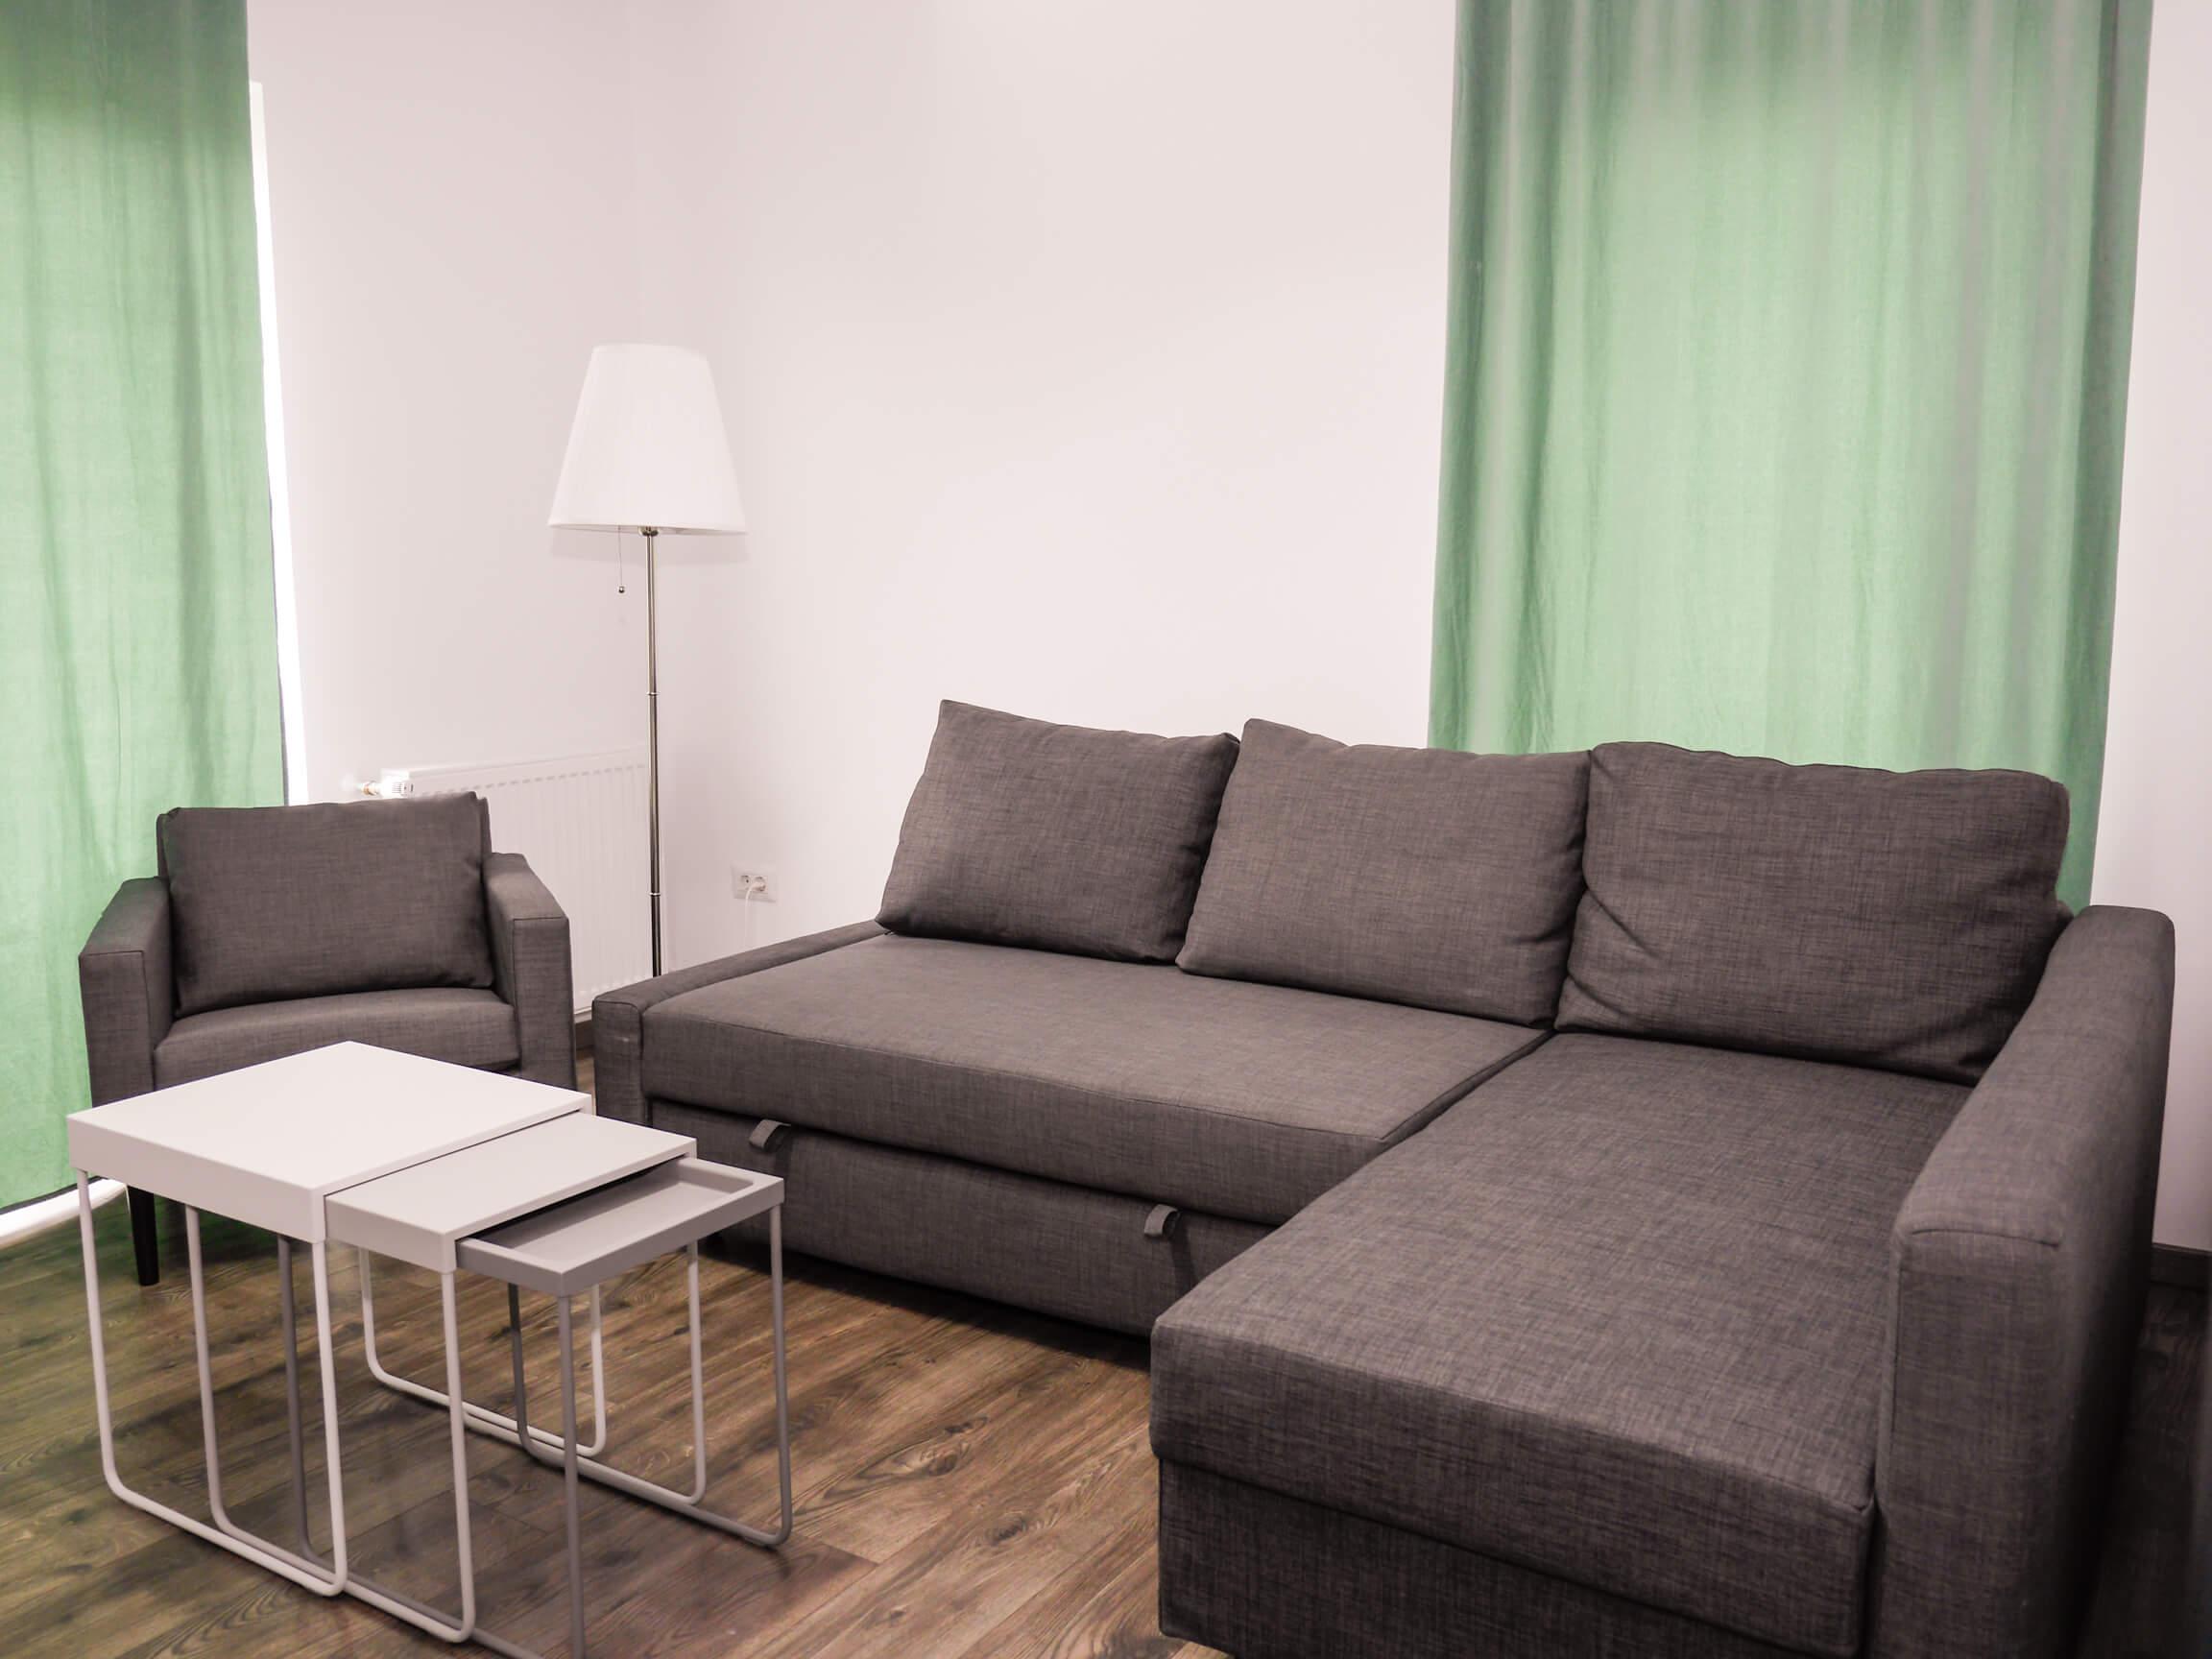 Clement Apartments - apartamente de inchiriat in regim hotelier - cazare neamt - cazare piatra neamt - apartament 8 (1)